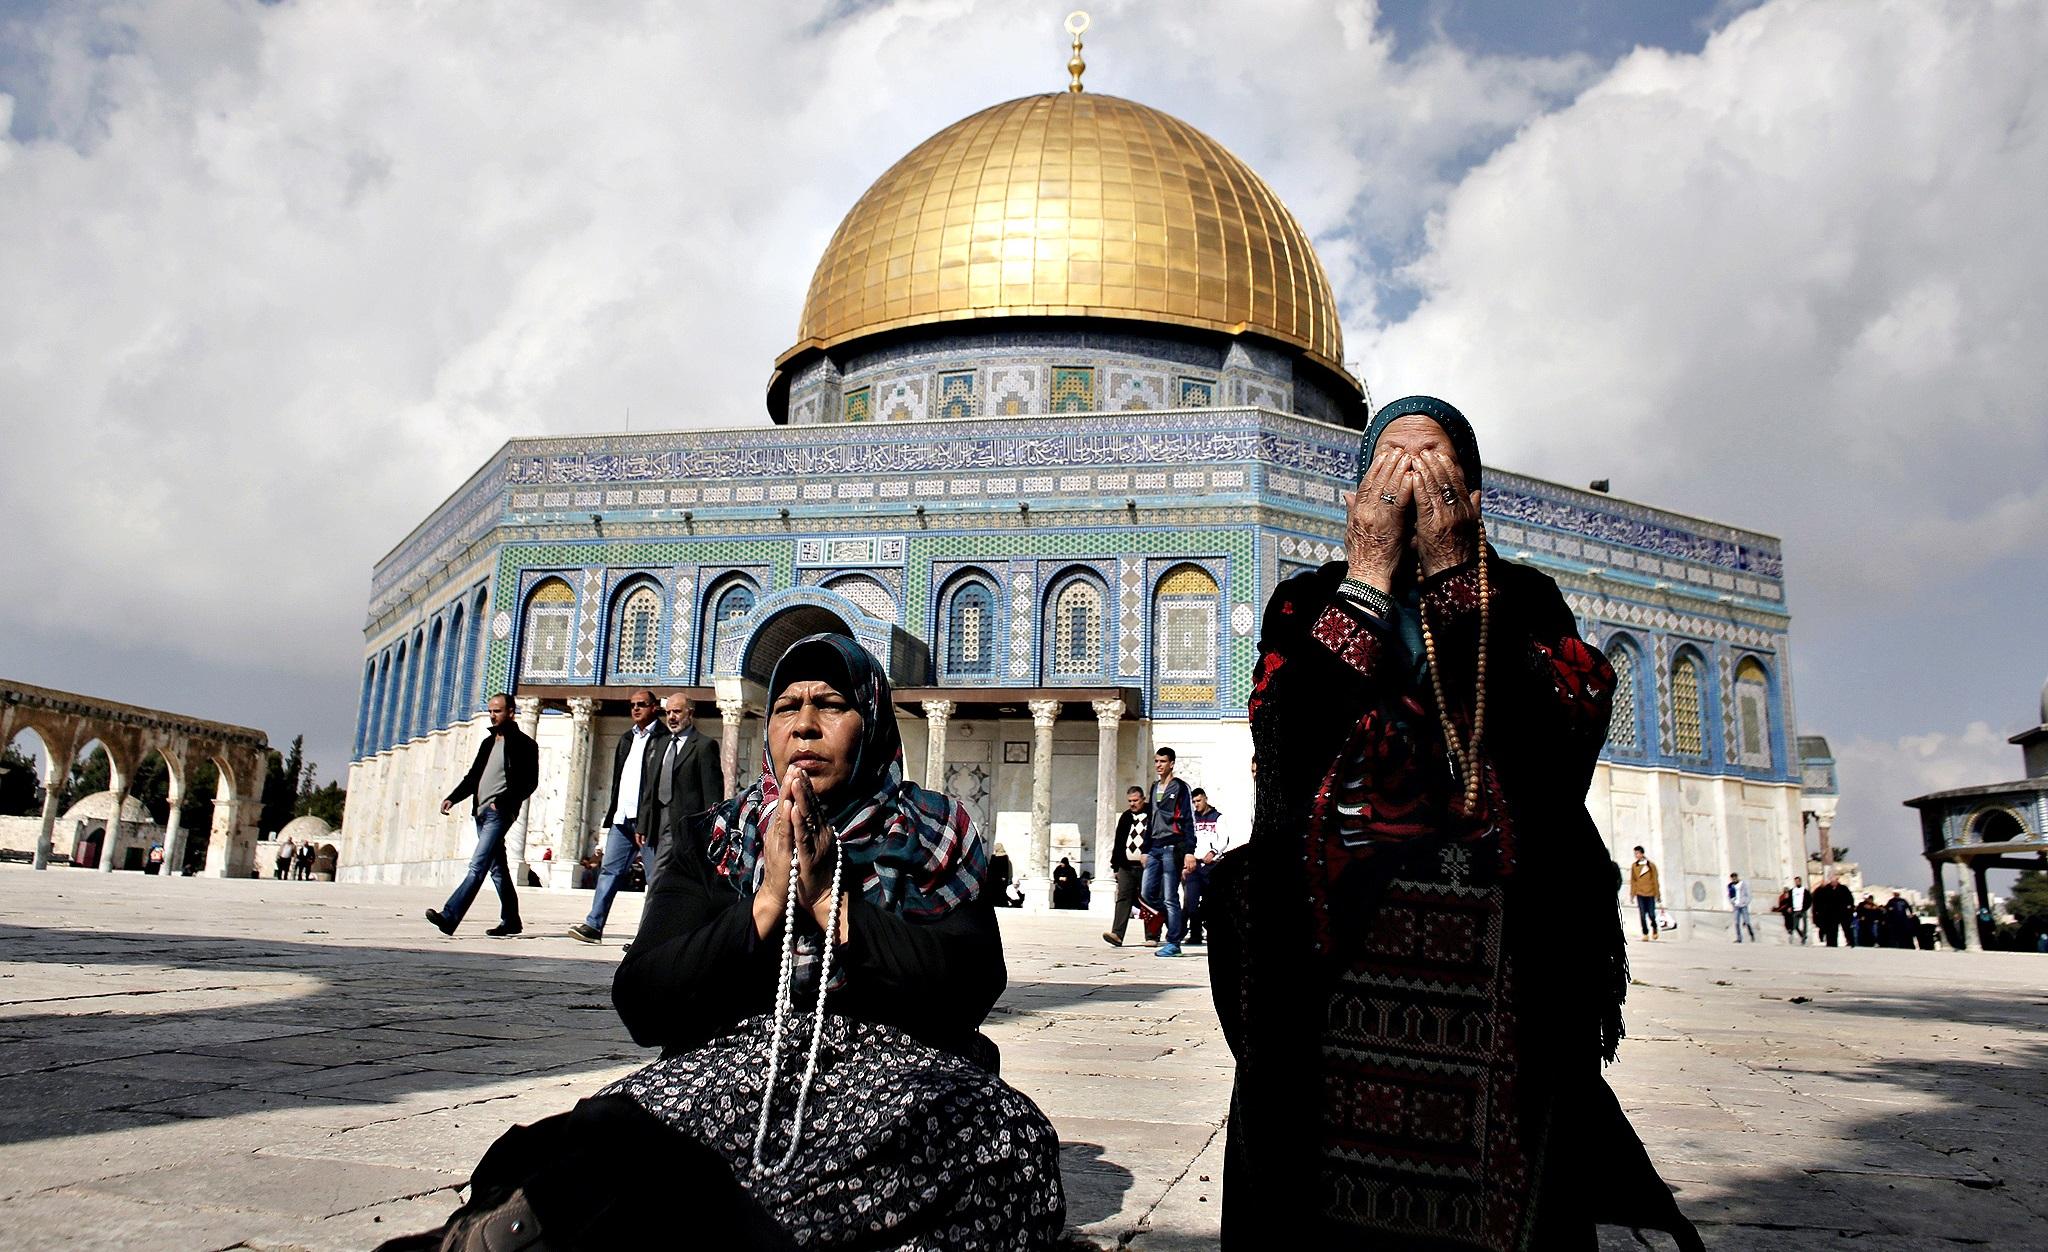 بالصور رمضان في فلسطين العادات والتقاليد تقف في وجه الإحتلال